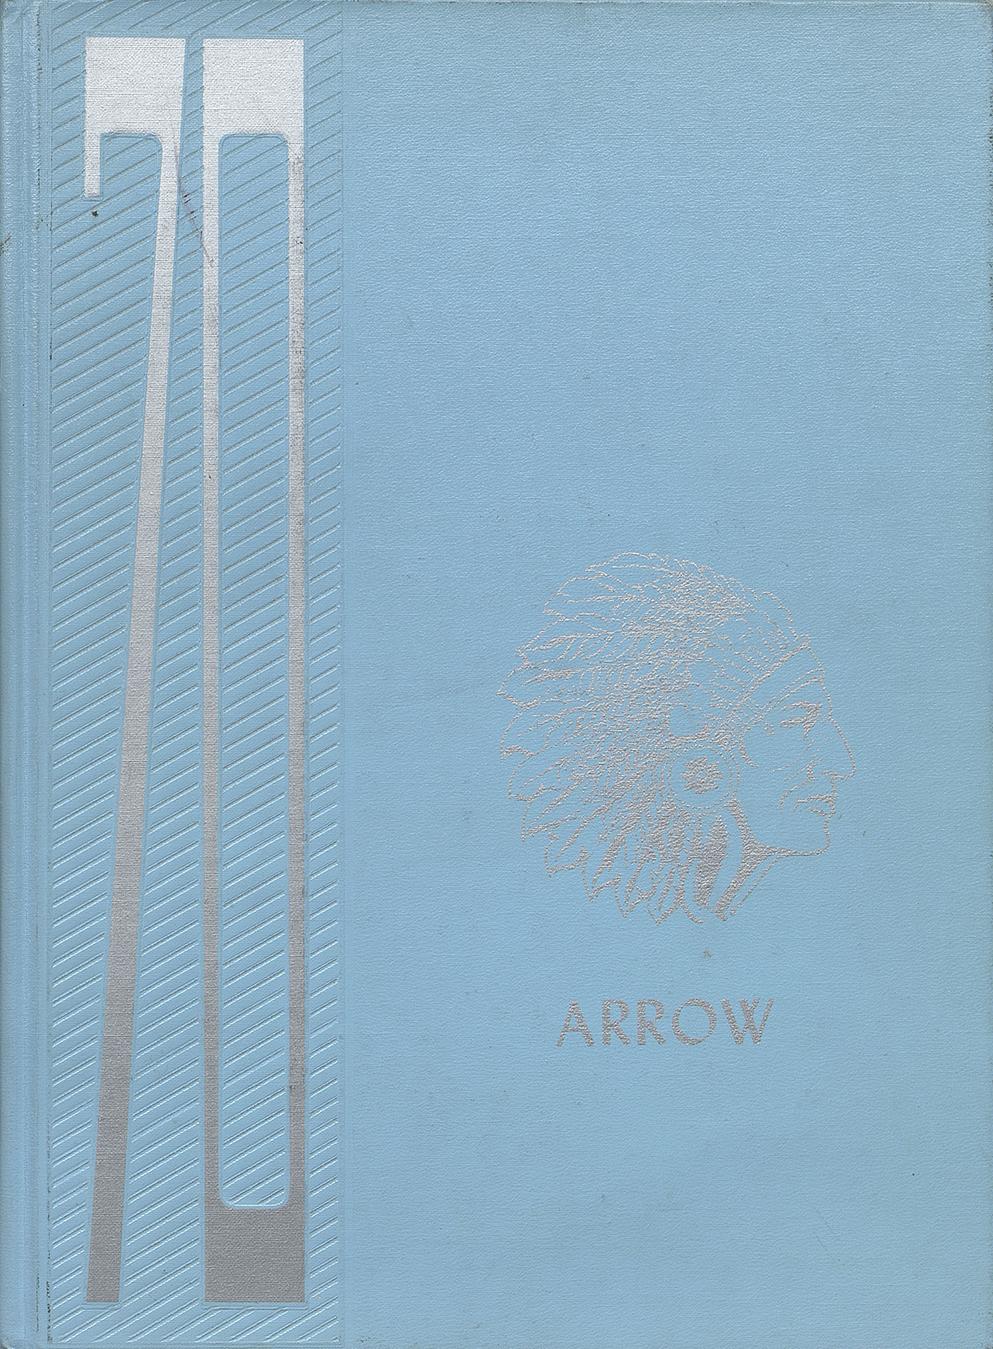 The Arrow 1970